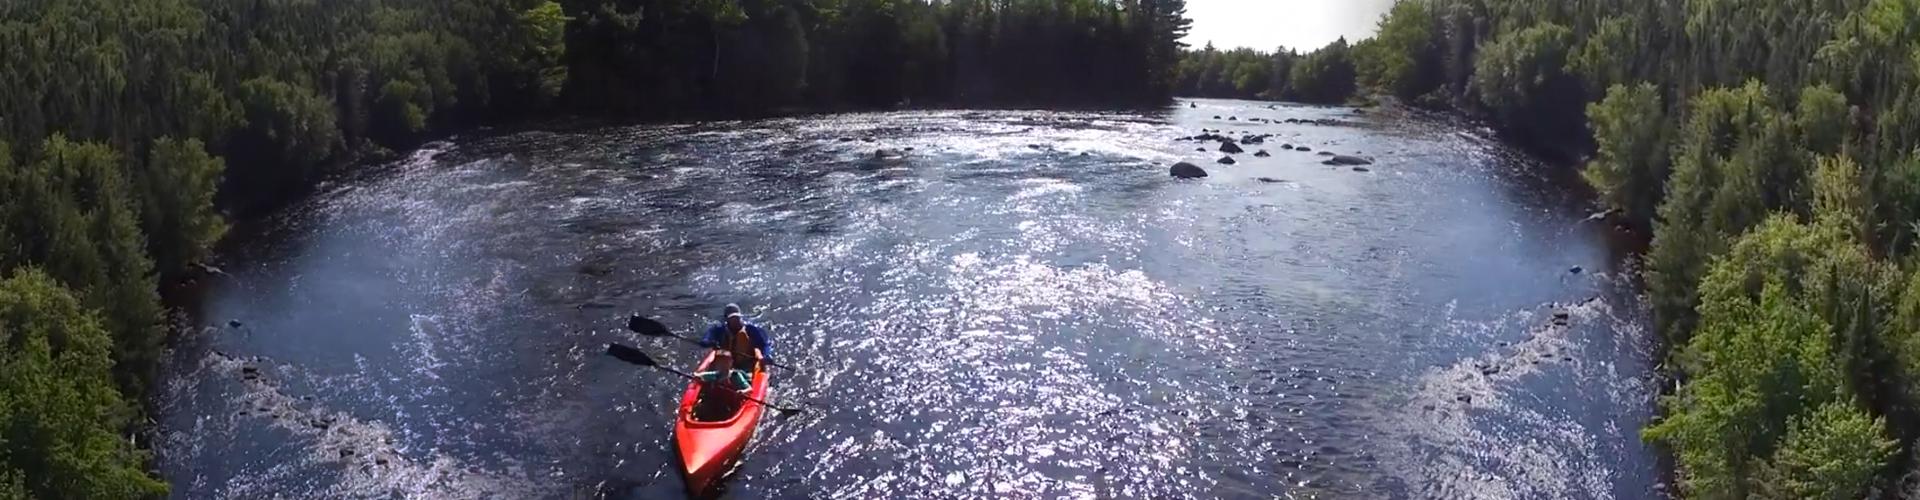 Float the Saint Croix River